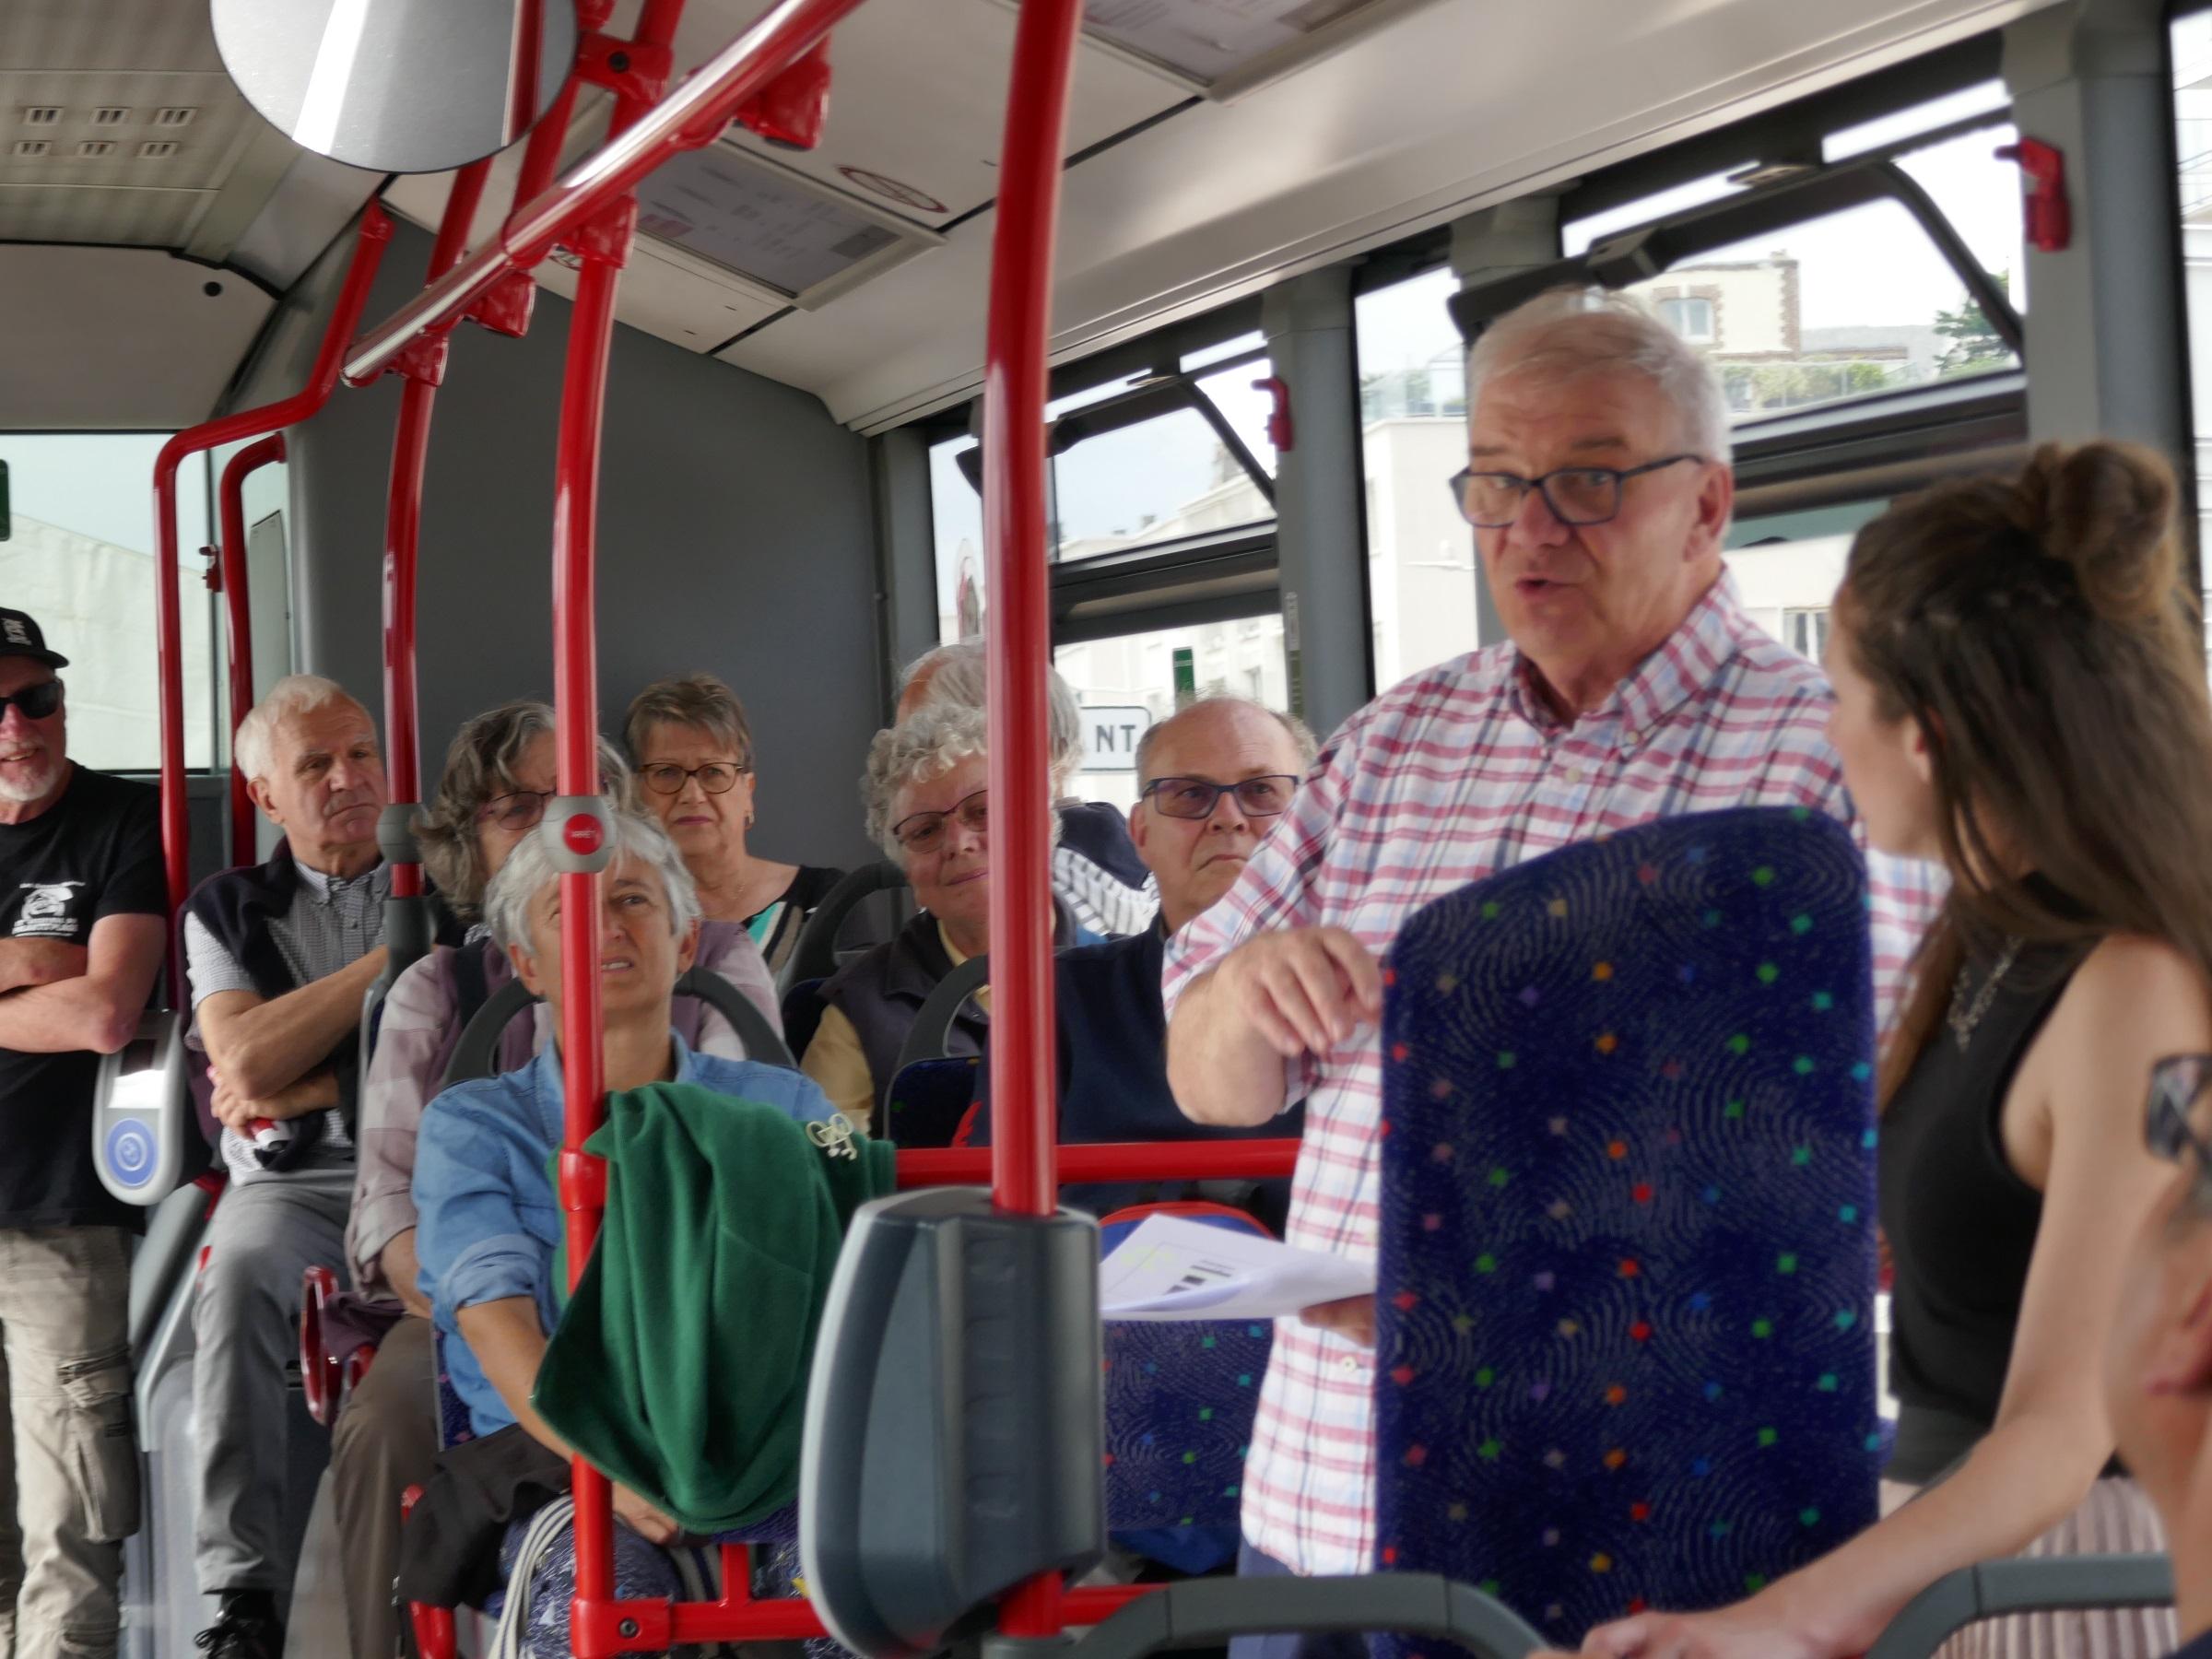 Marie-Ève Bourassa et Richard Migneault dans l'autobus réservé au polar québécois, en font connaître les auteurs et les facettes au public français Photo: Richard Migneault